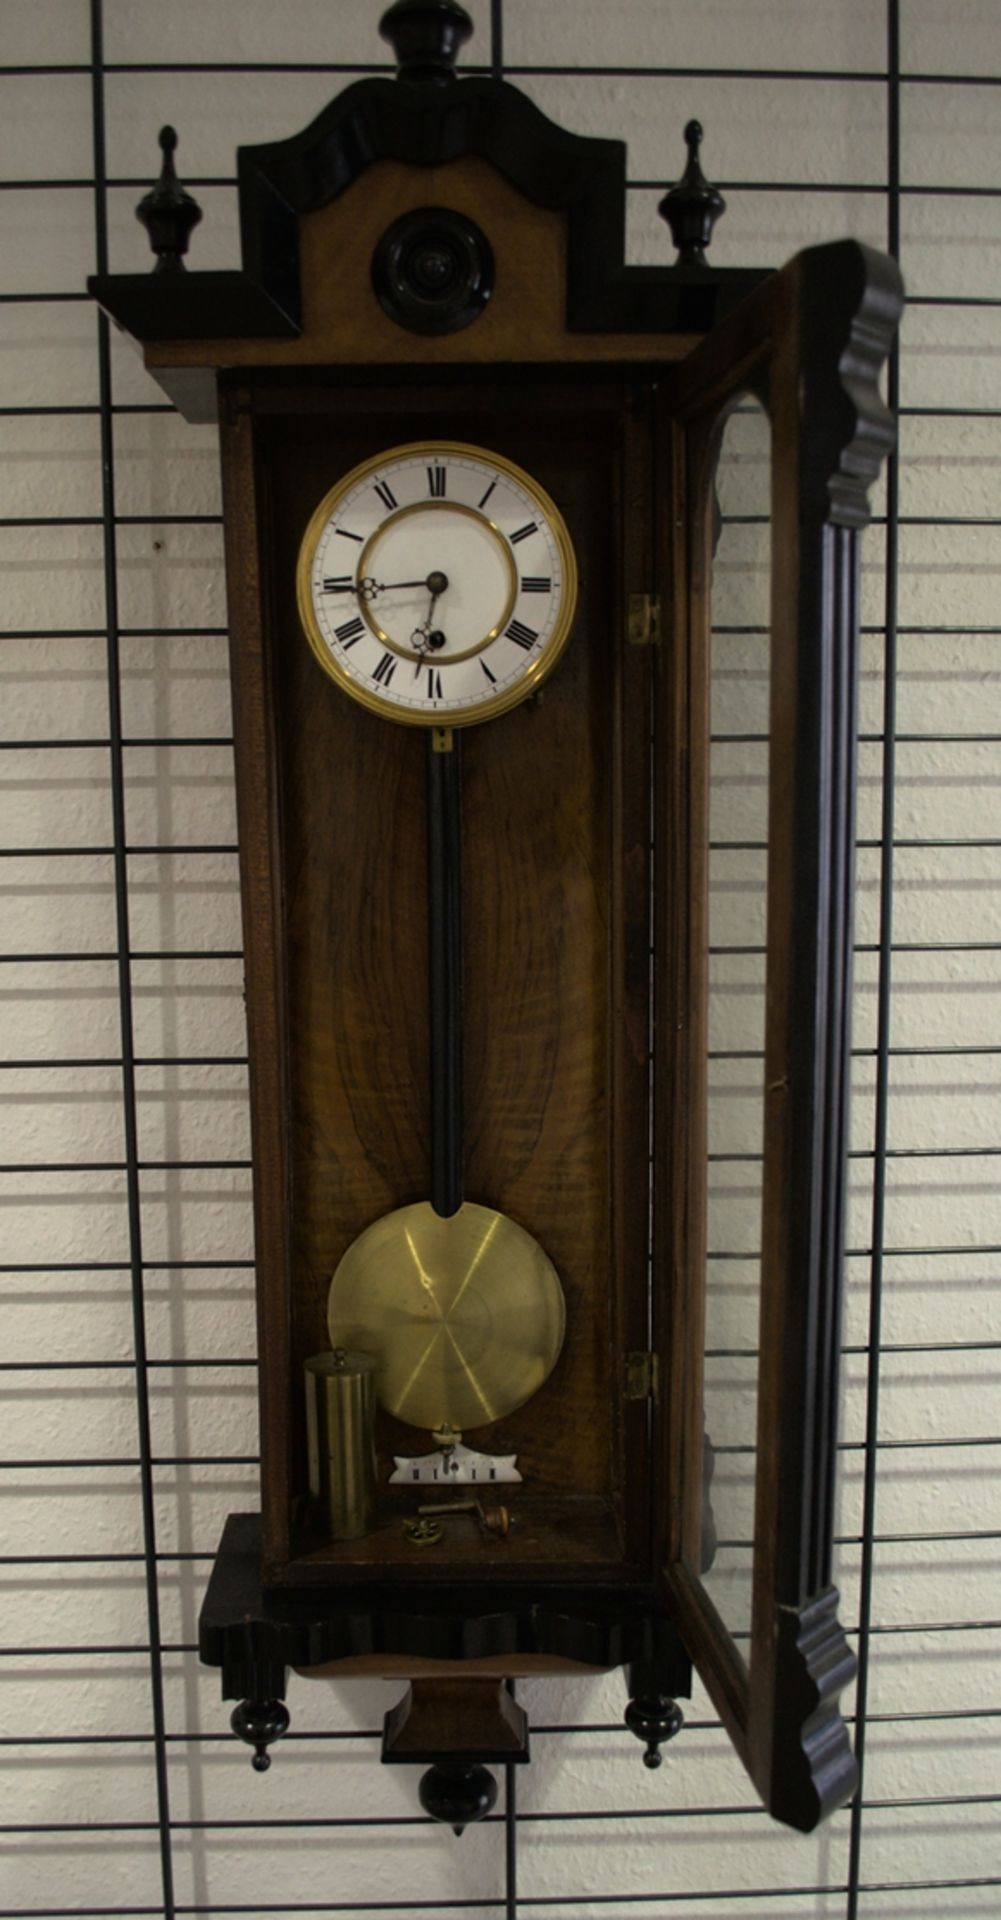 Wandregulator, eingewichtige, mechanische Wanduhr im Nussbaumgehäuse. Werk ungeprüft. Höhe ca. 95 - Bild 18 aus 19